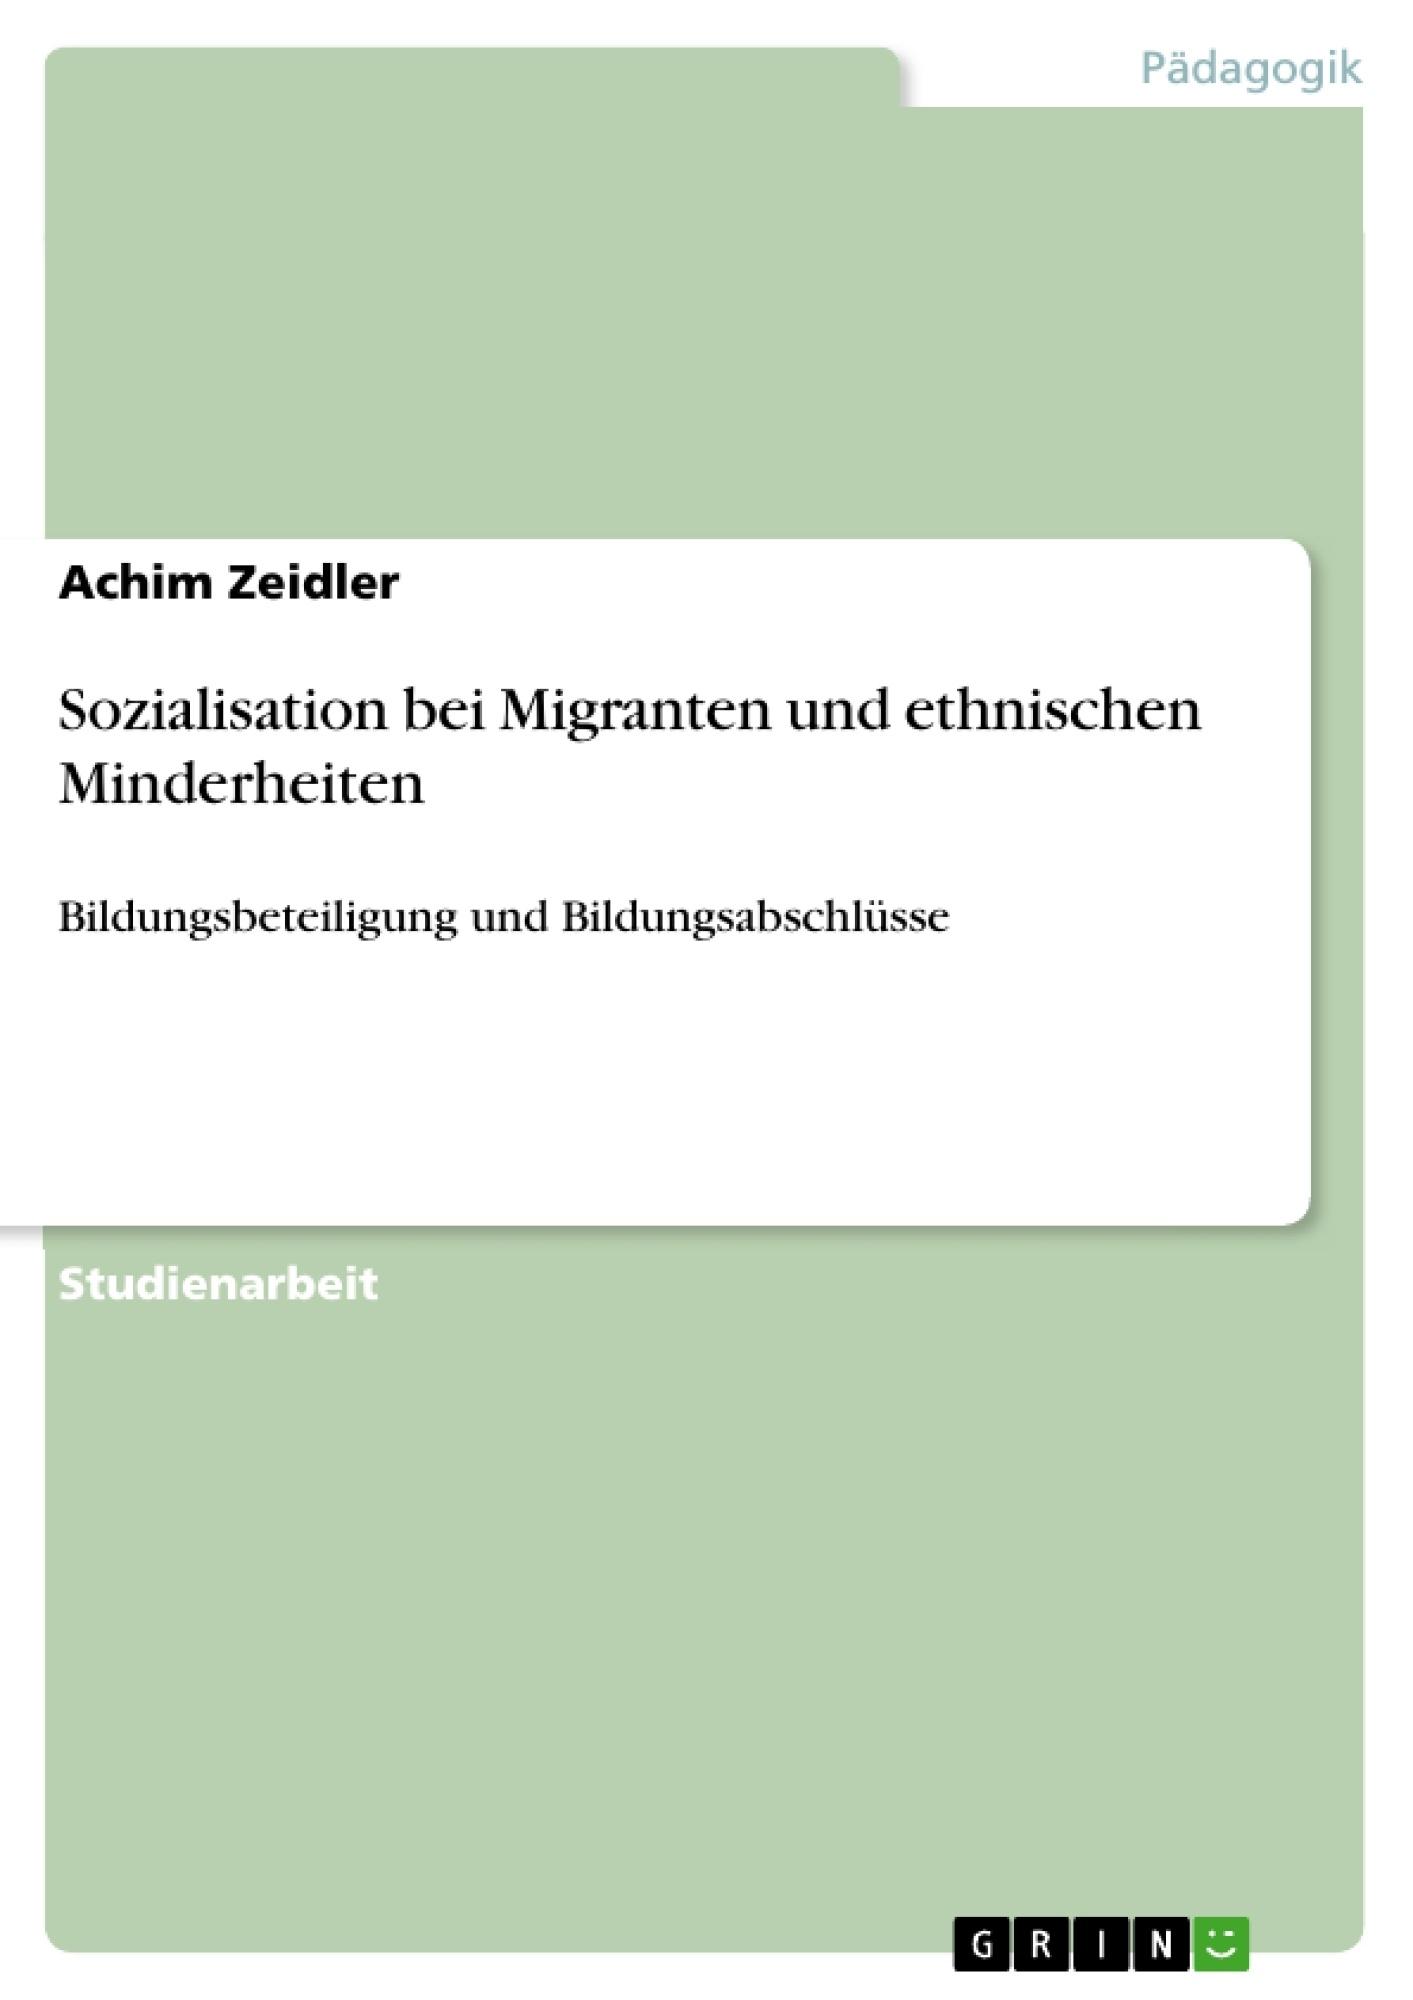 Titel: Sozialisation bei Migranten und ethnischen Minderheiten